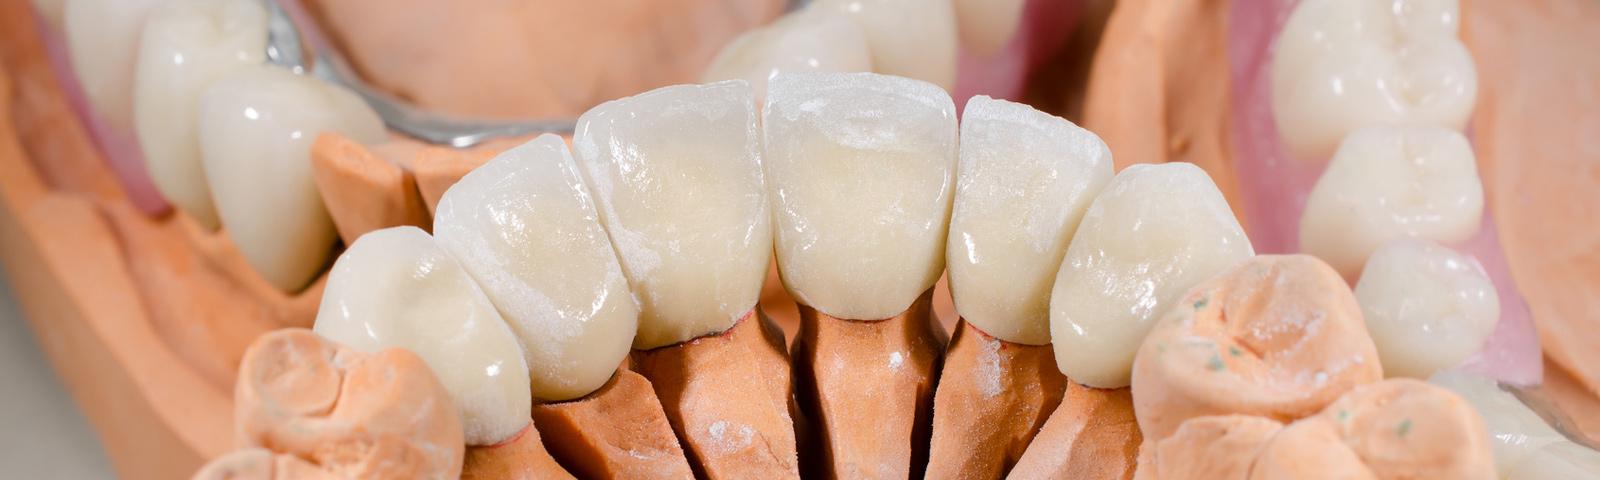 blaues zahnfleisch bei erwachsenen